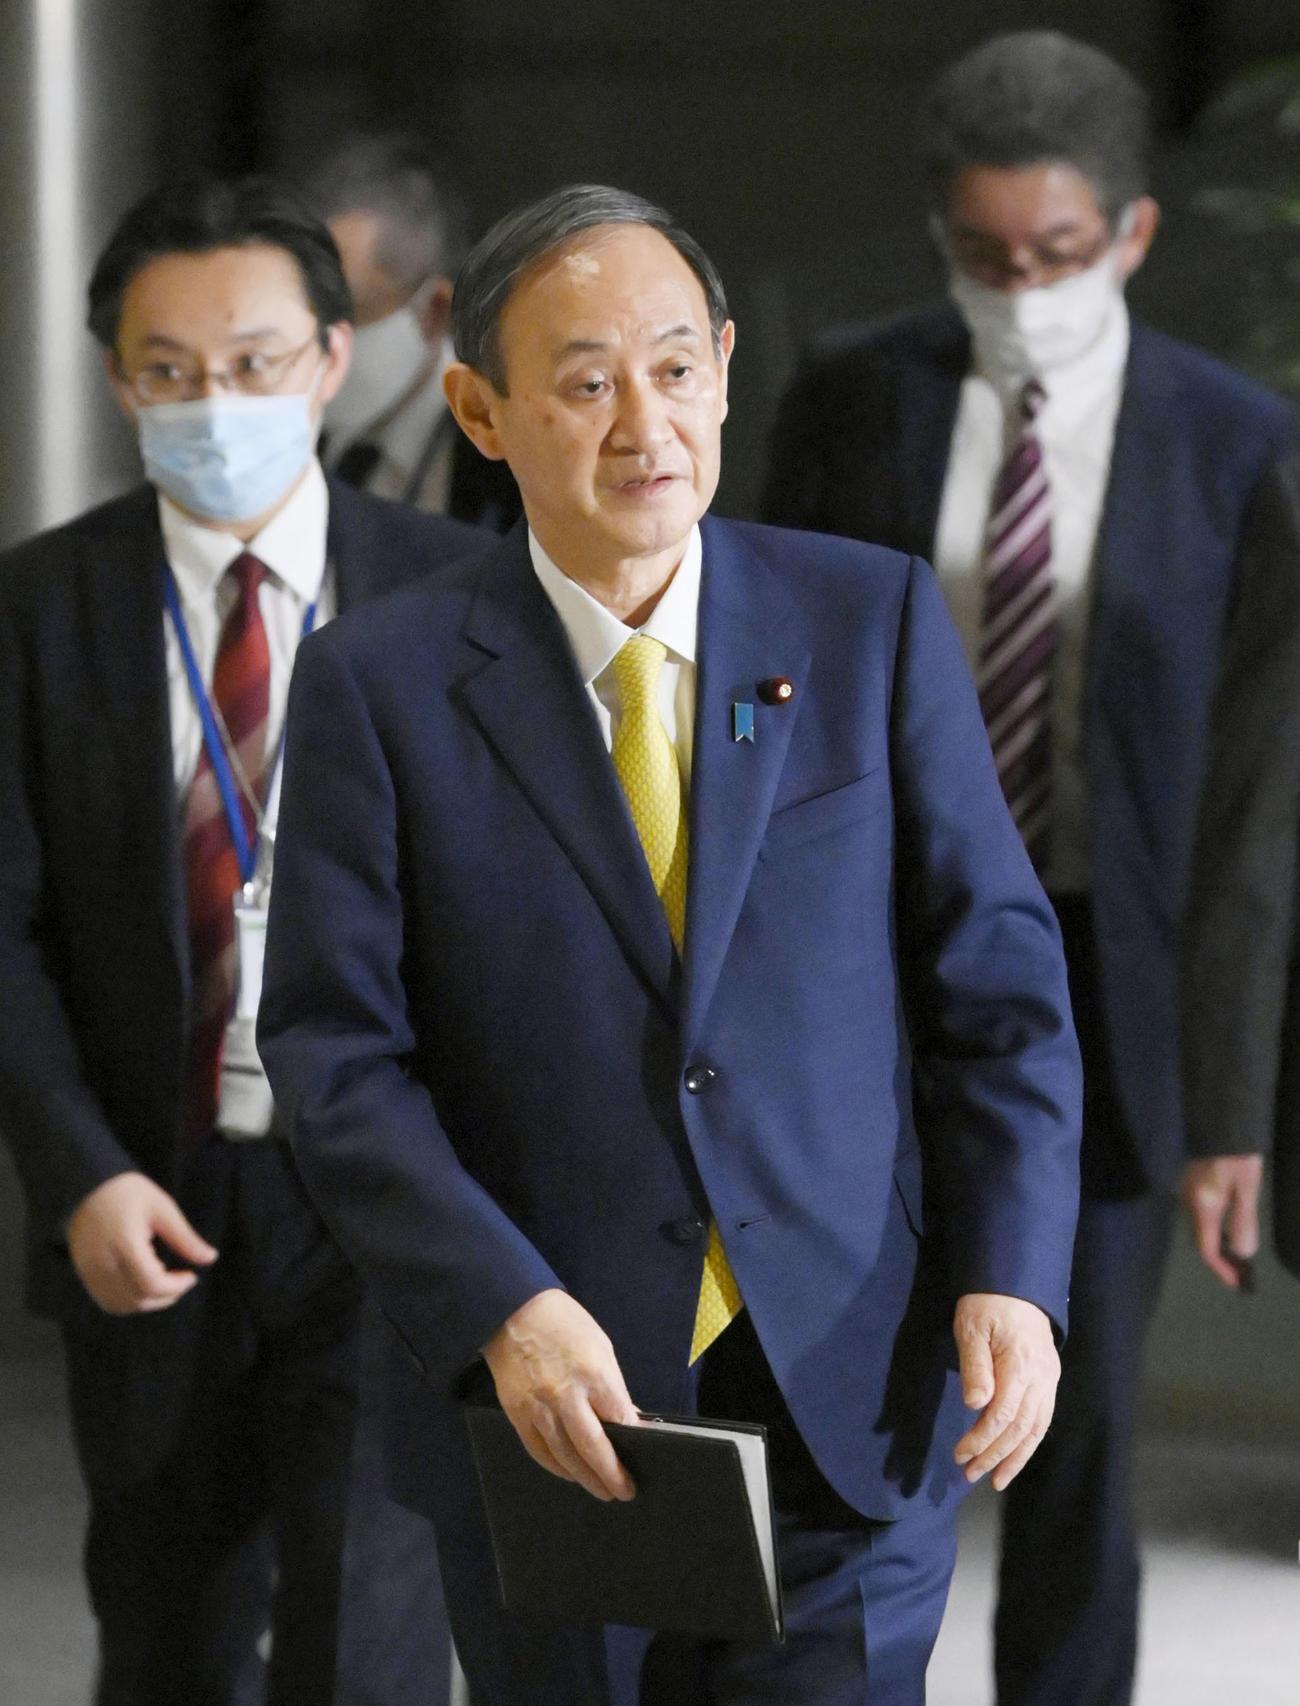 東京電力福島第1原発処理水の処分方針について記者団に語った菅首相(共同)